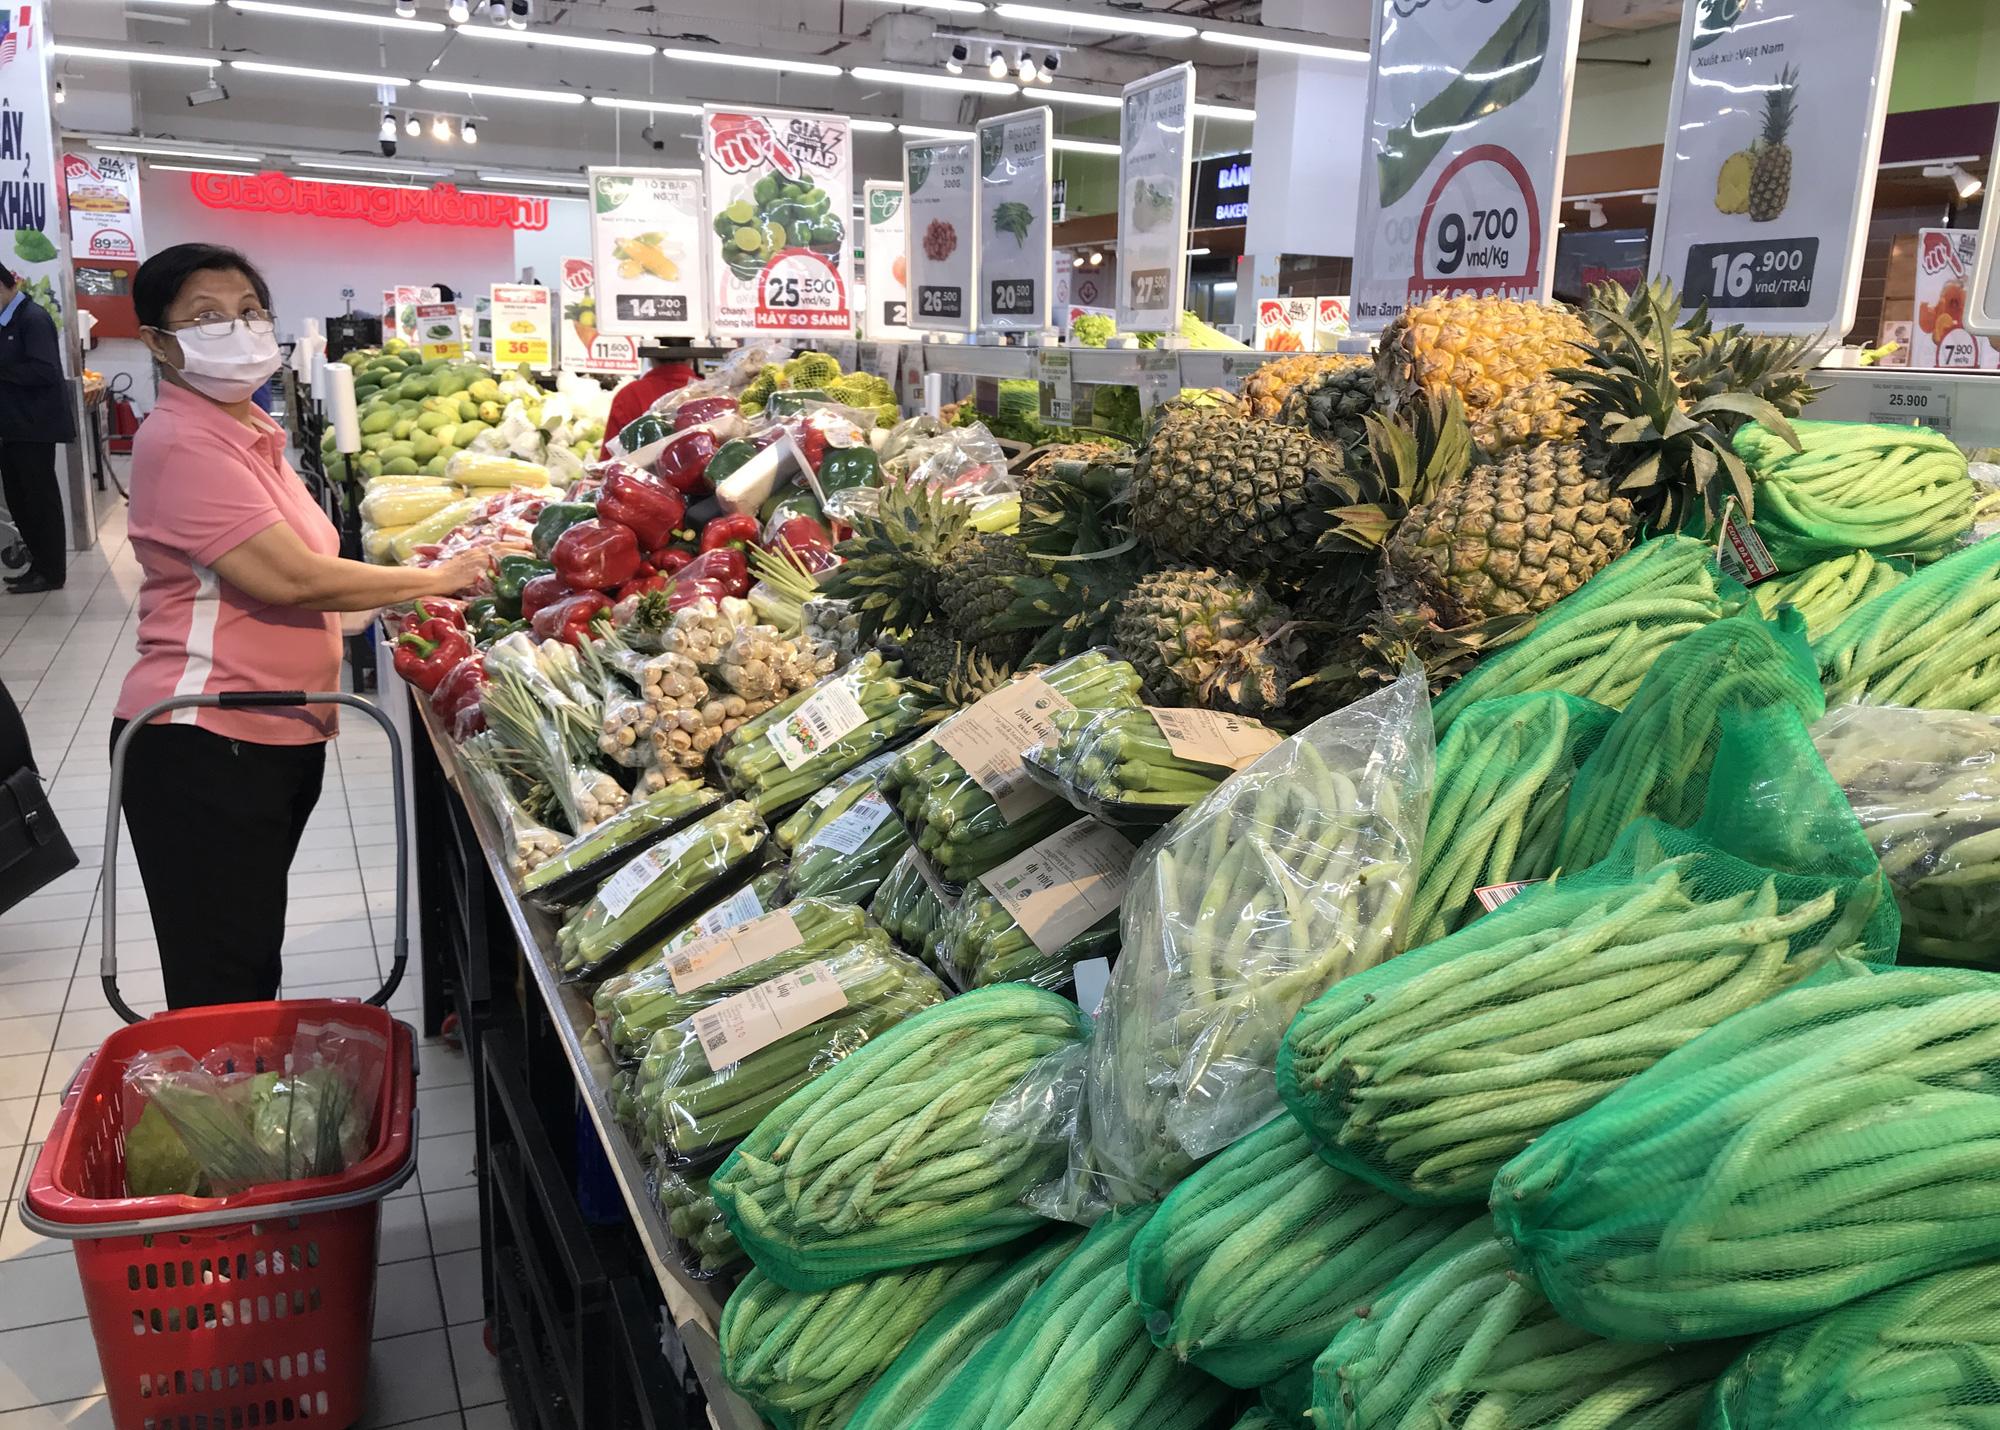 Bộ Công Thương khẳng định hàng hóa, thực phẩm đủ cho người dân ngay cả lúc dịch bệnh - Ảnh 3.